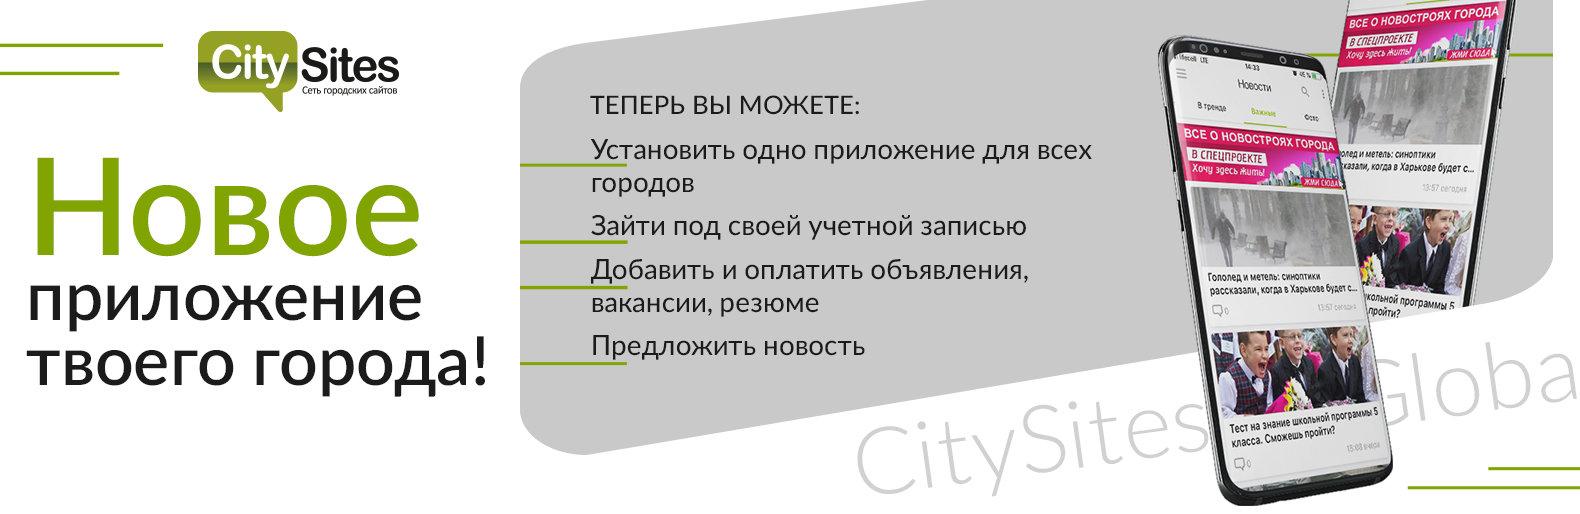 Новое приложение о твоем городе для iPhone - CitySites Global